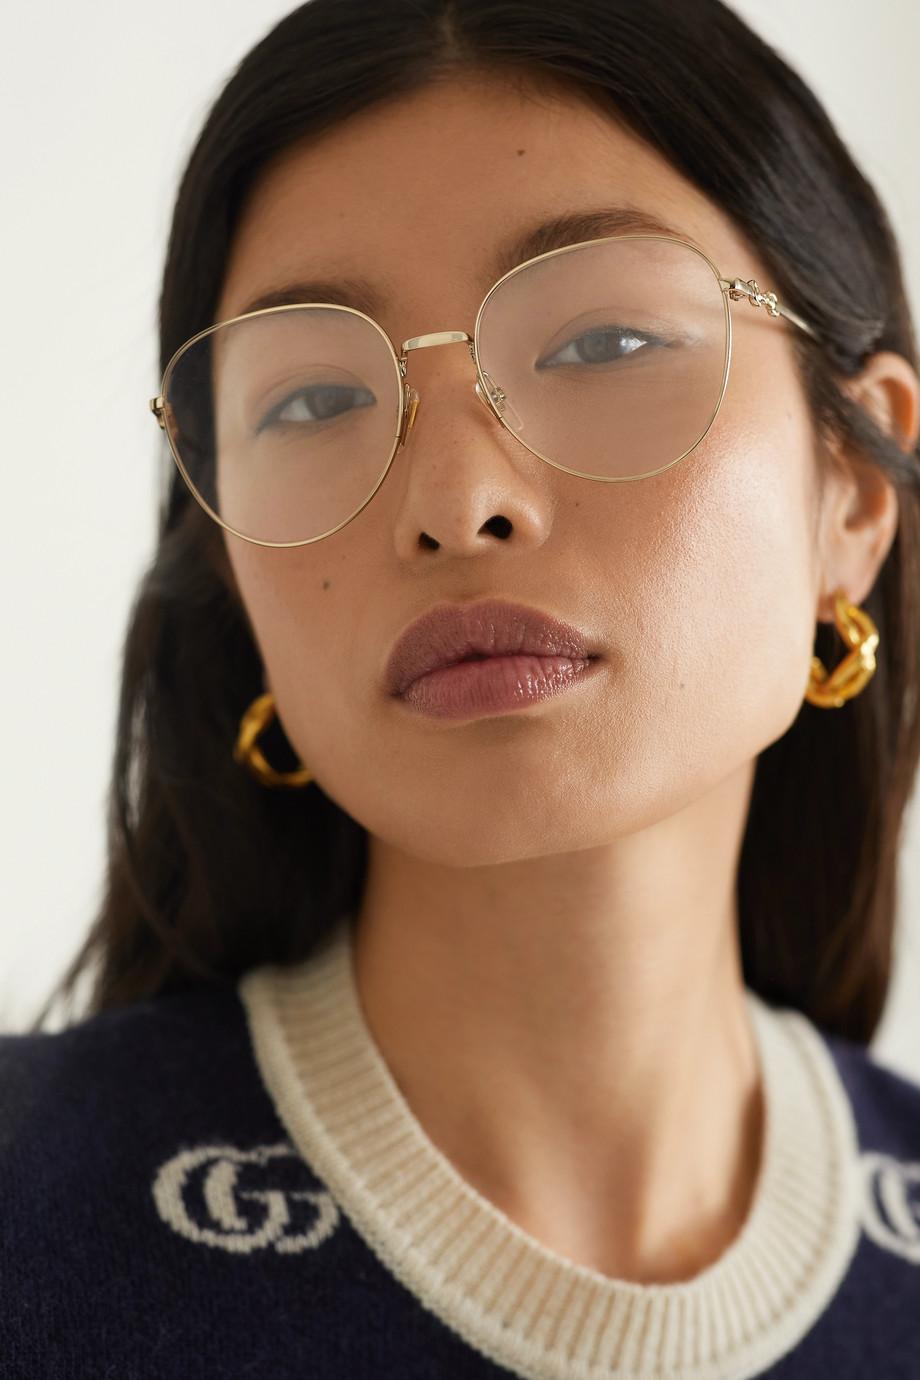 Gucci Lunettes de vue rondes dorées